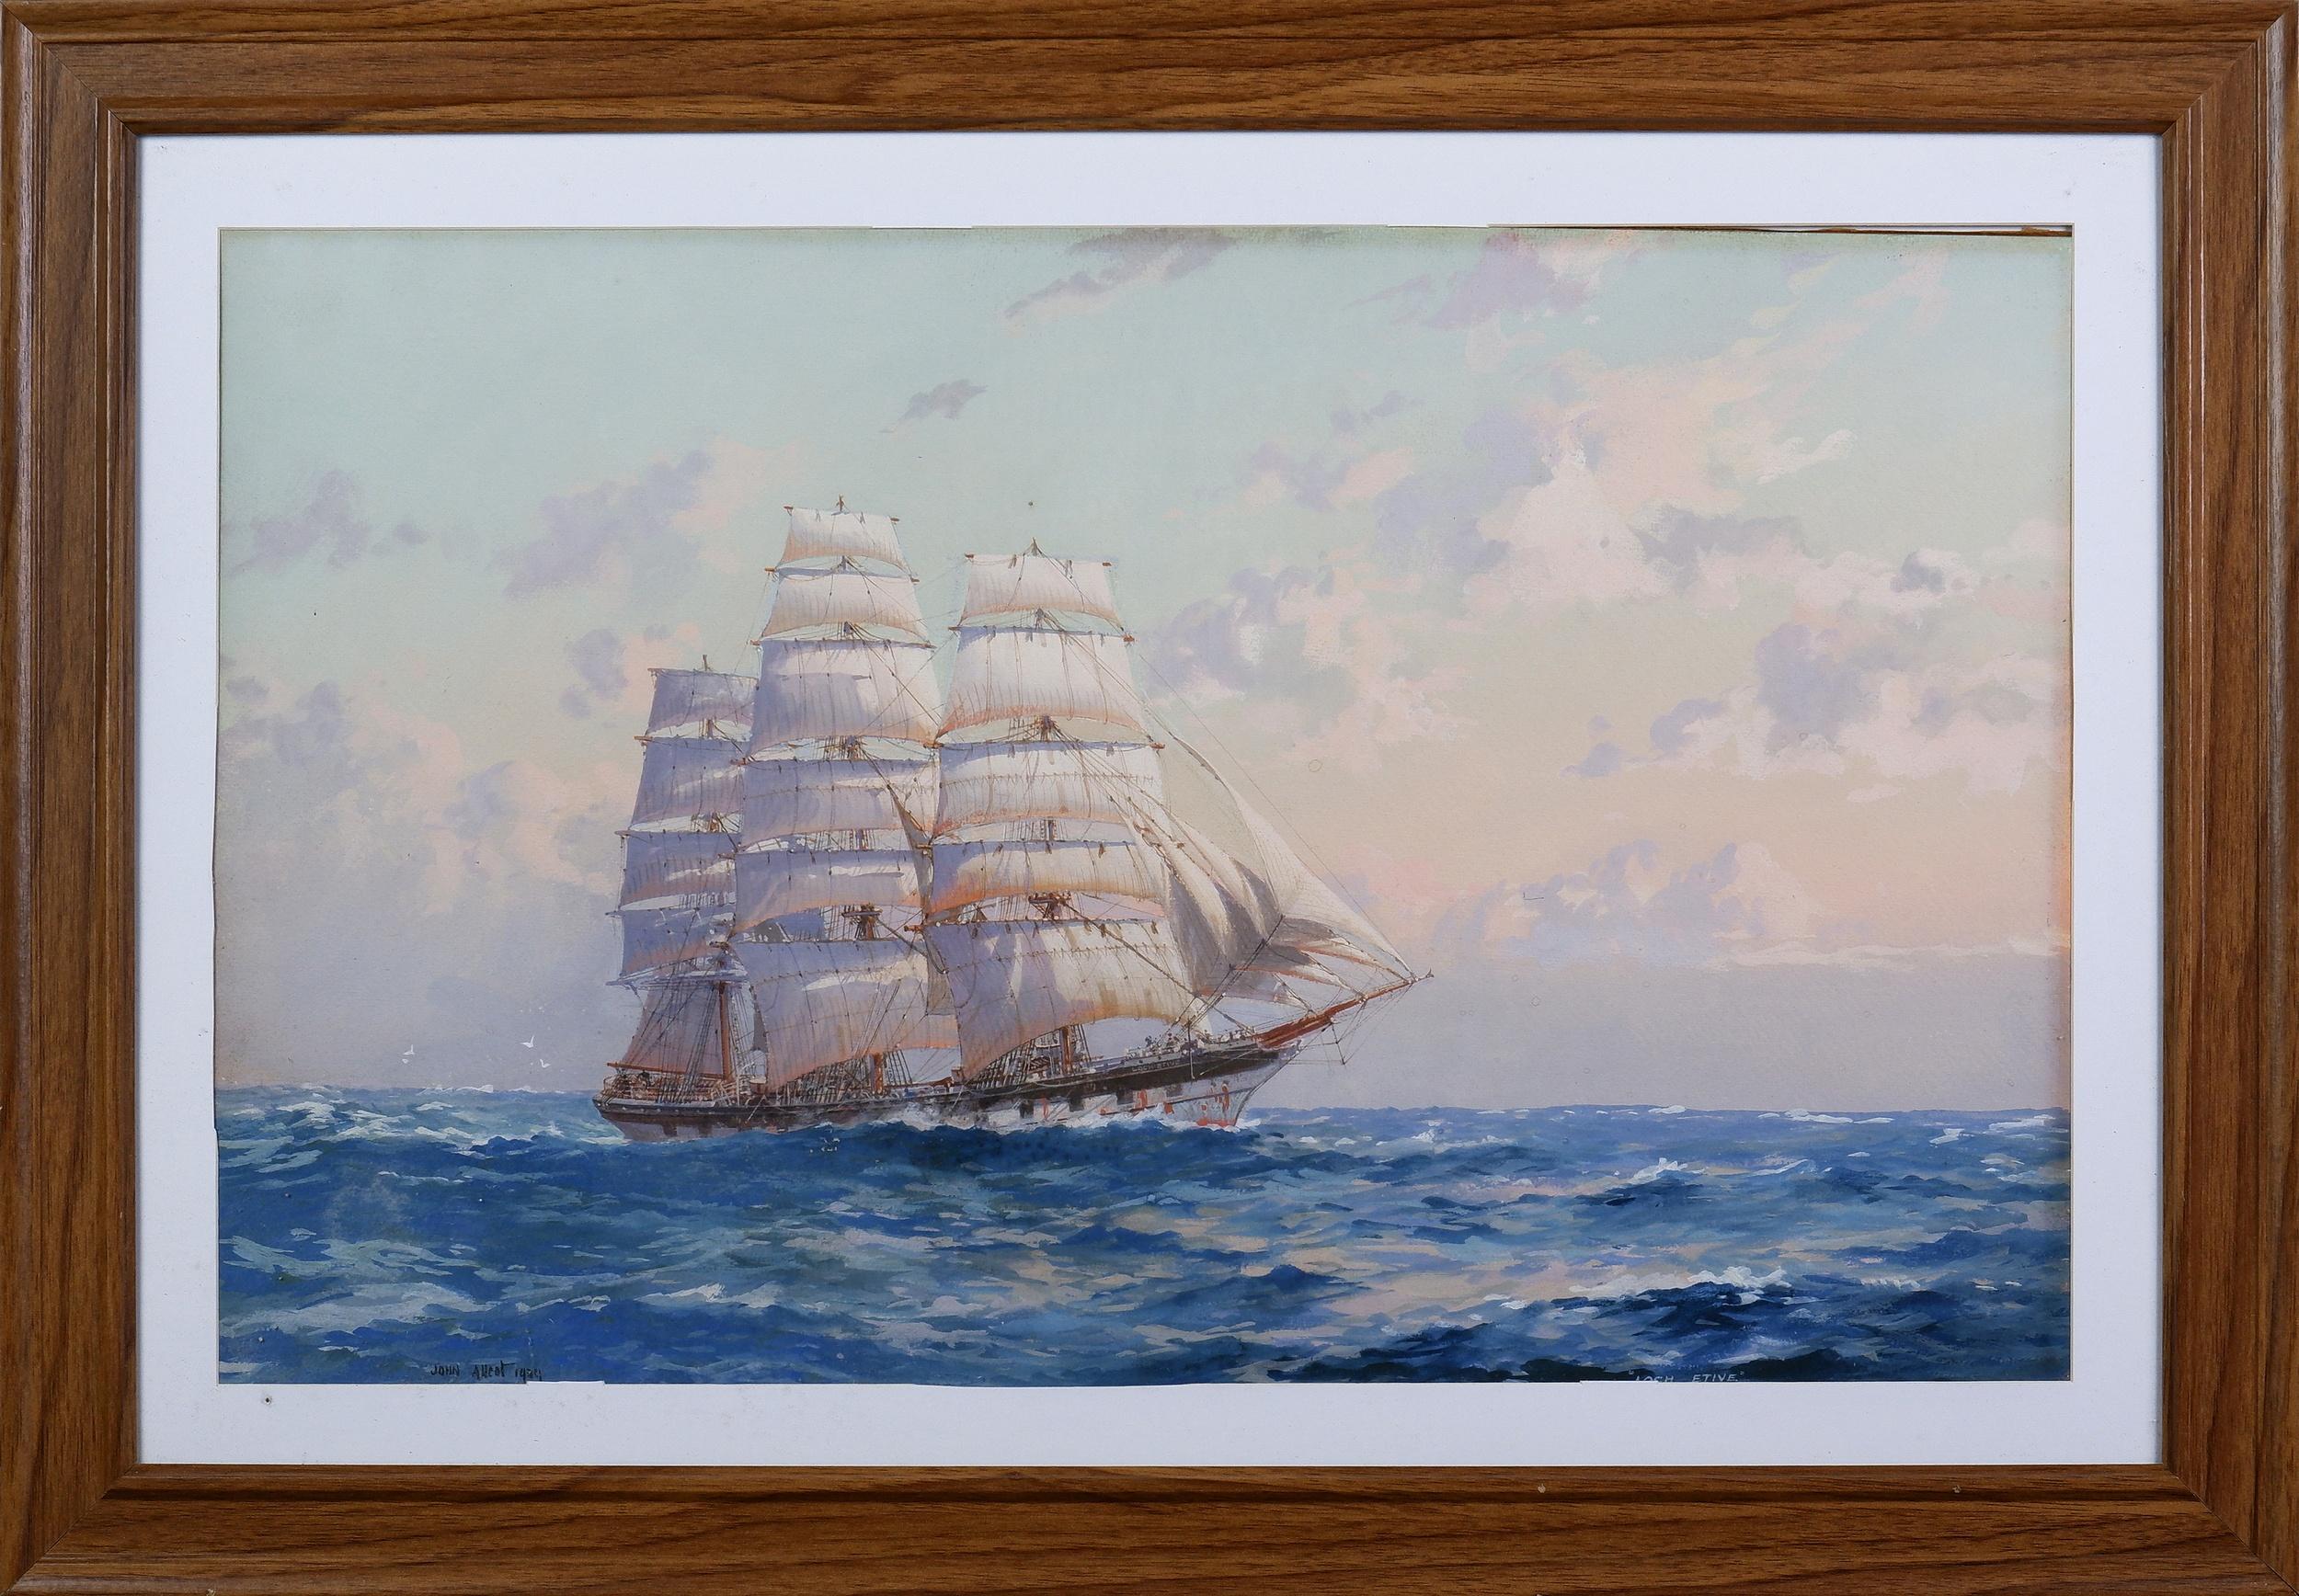 'John Allcot (1888-1973), Loch Etive 1989, Gouache on Paper, 33.5 x 54 cm '